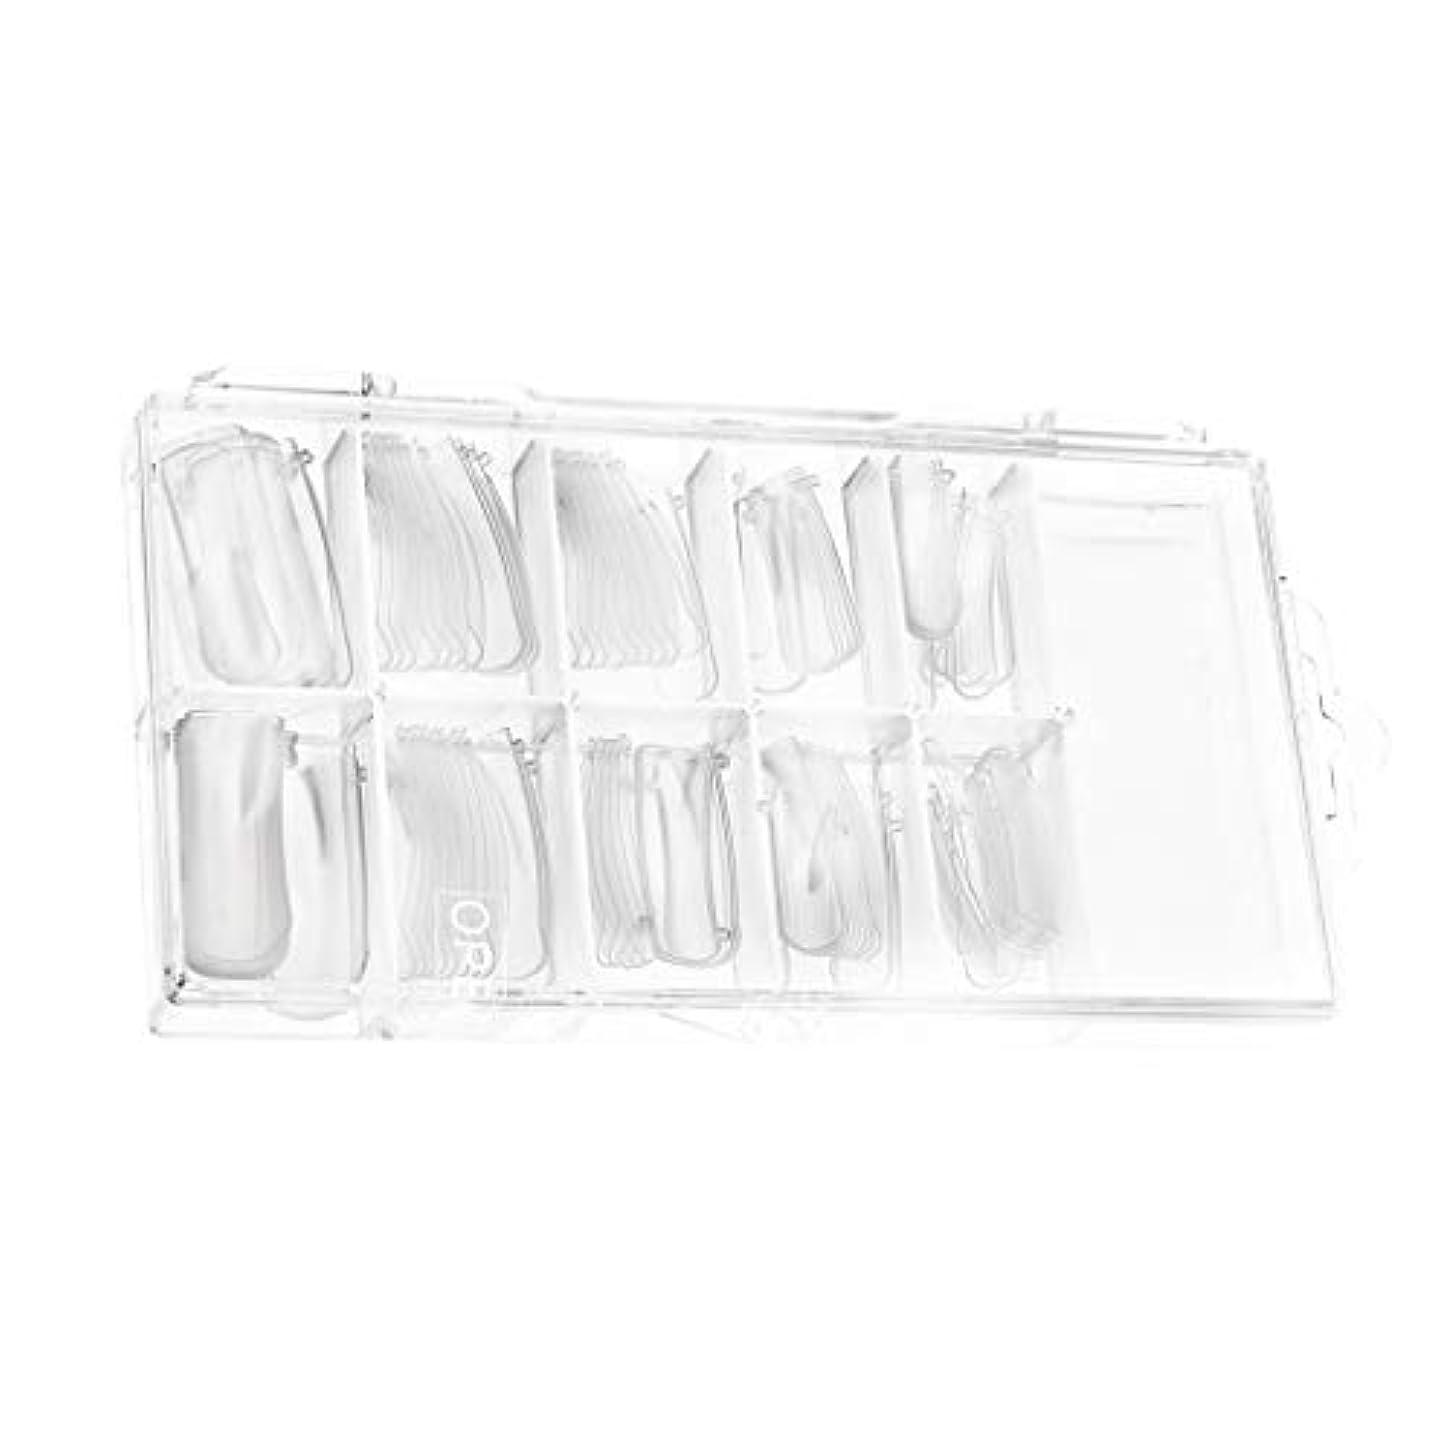 残酷対あなたが良くなりますたくさん100棺ネイルクリアバレリーナネイルのヒントロングフルカバーアクリルネイル個人用または業務用(クリア)用10サイズ